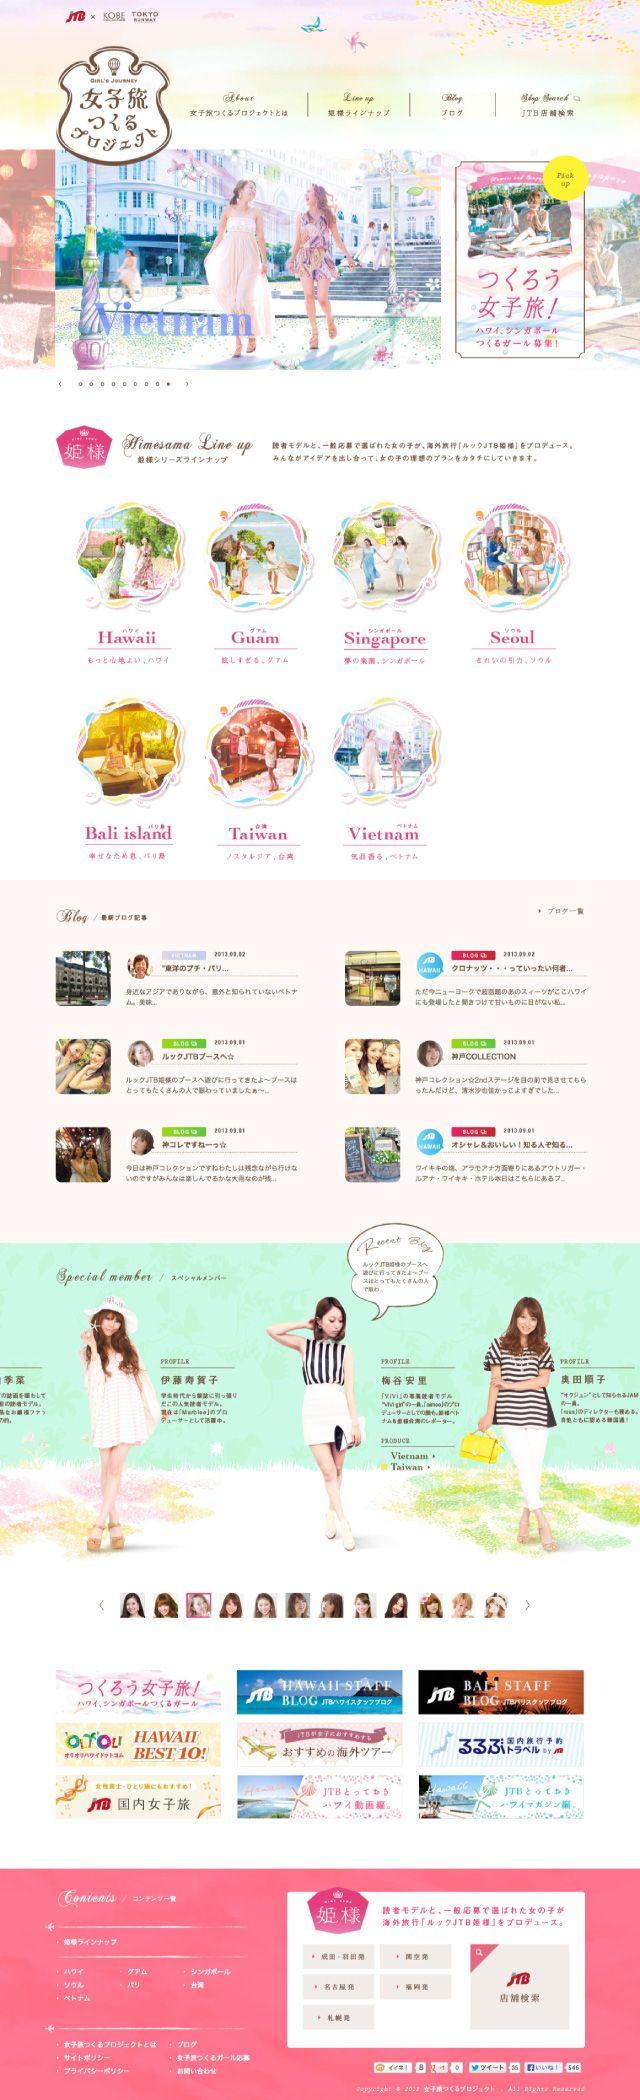 ルックJTB女子旅つくるプロジェクト | Works | STARRYWORKS inc.